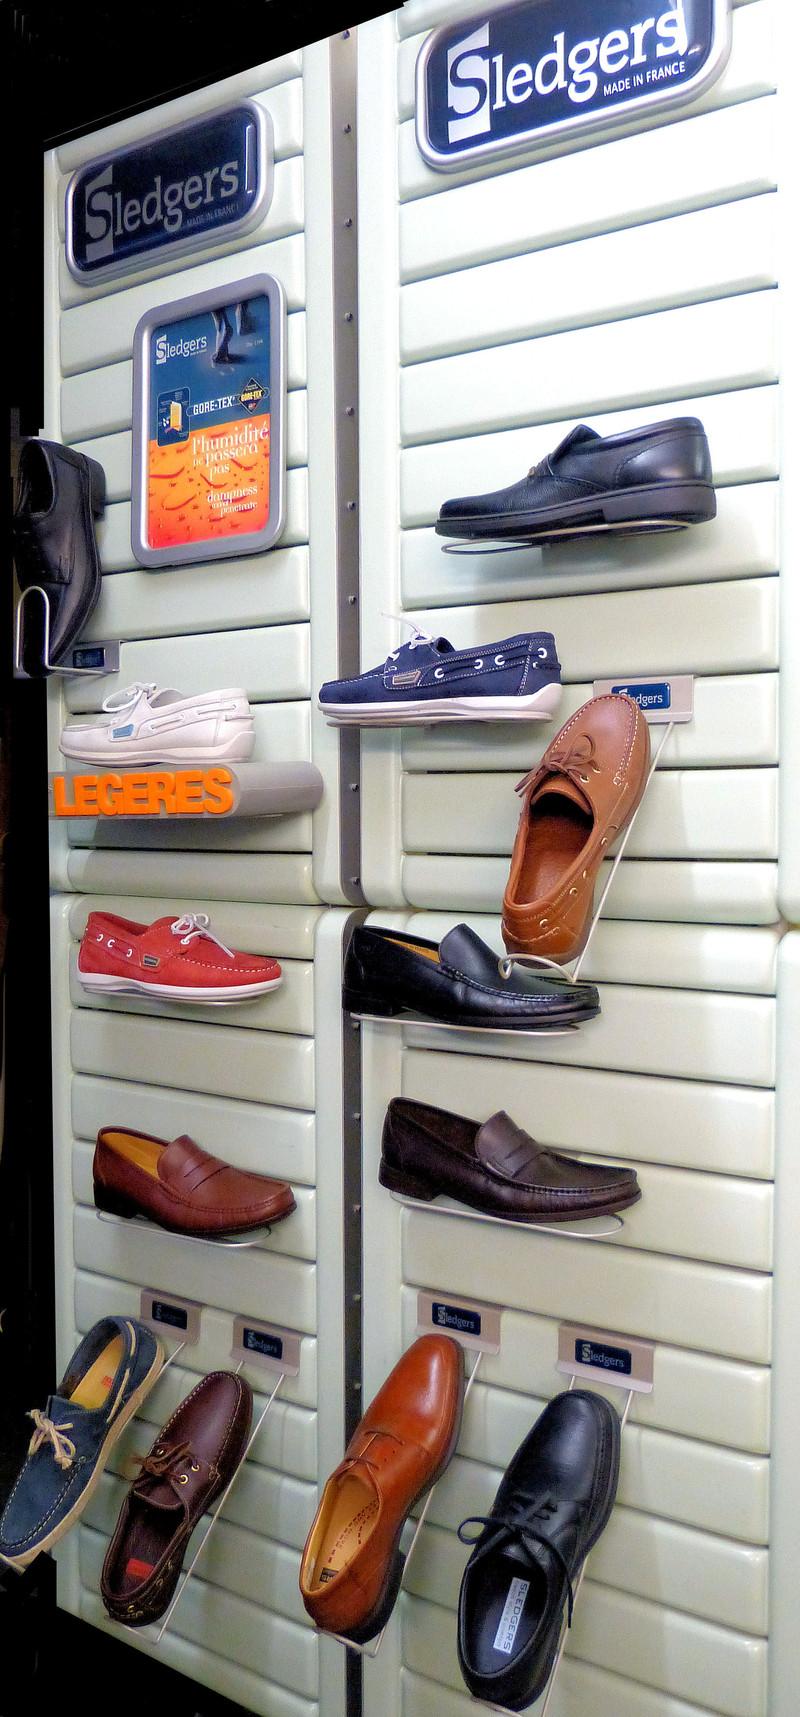 Les chaussures - Voir en grand